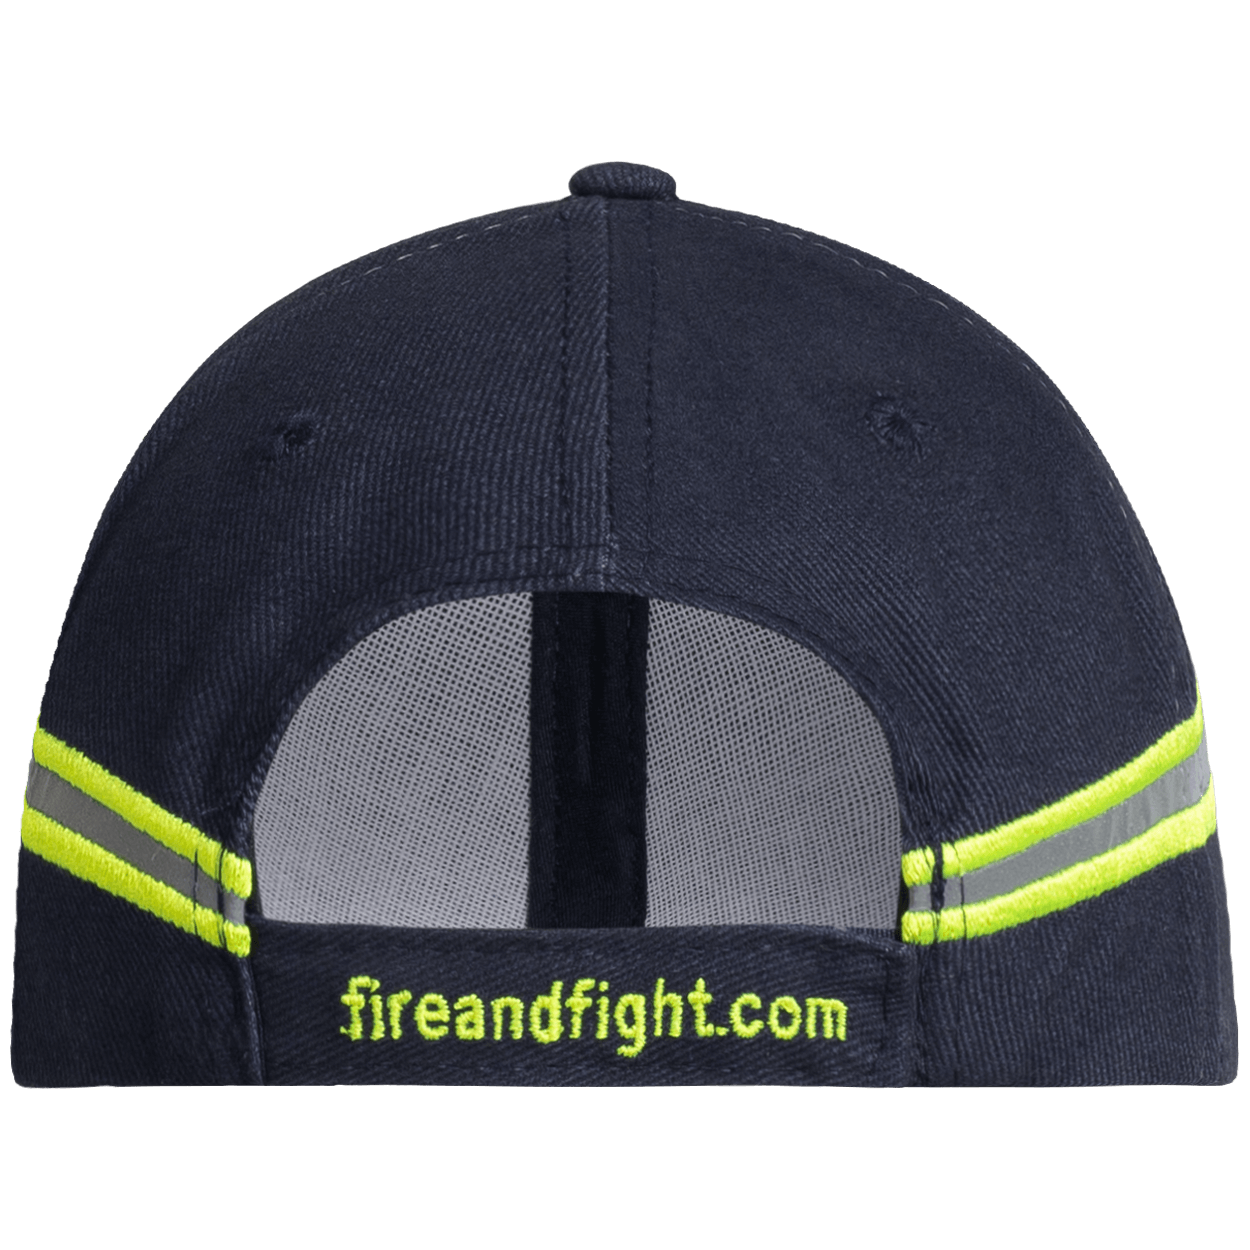 Feuerwehr Basecap Reflexstreifen Design - Farbe navy